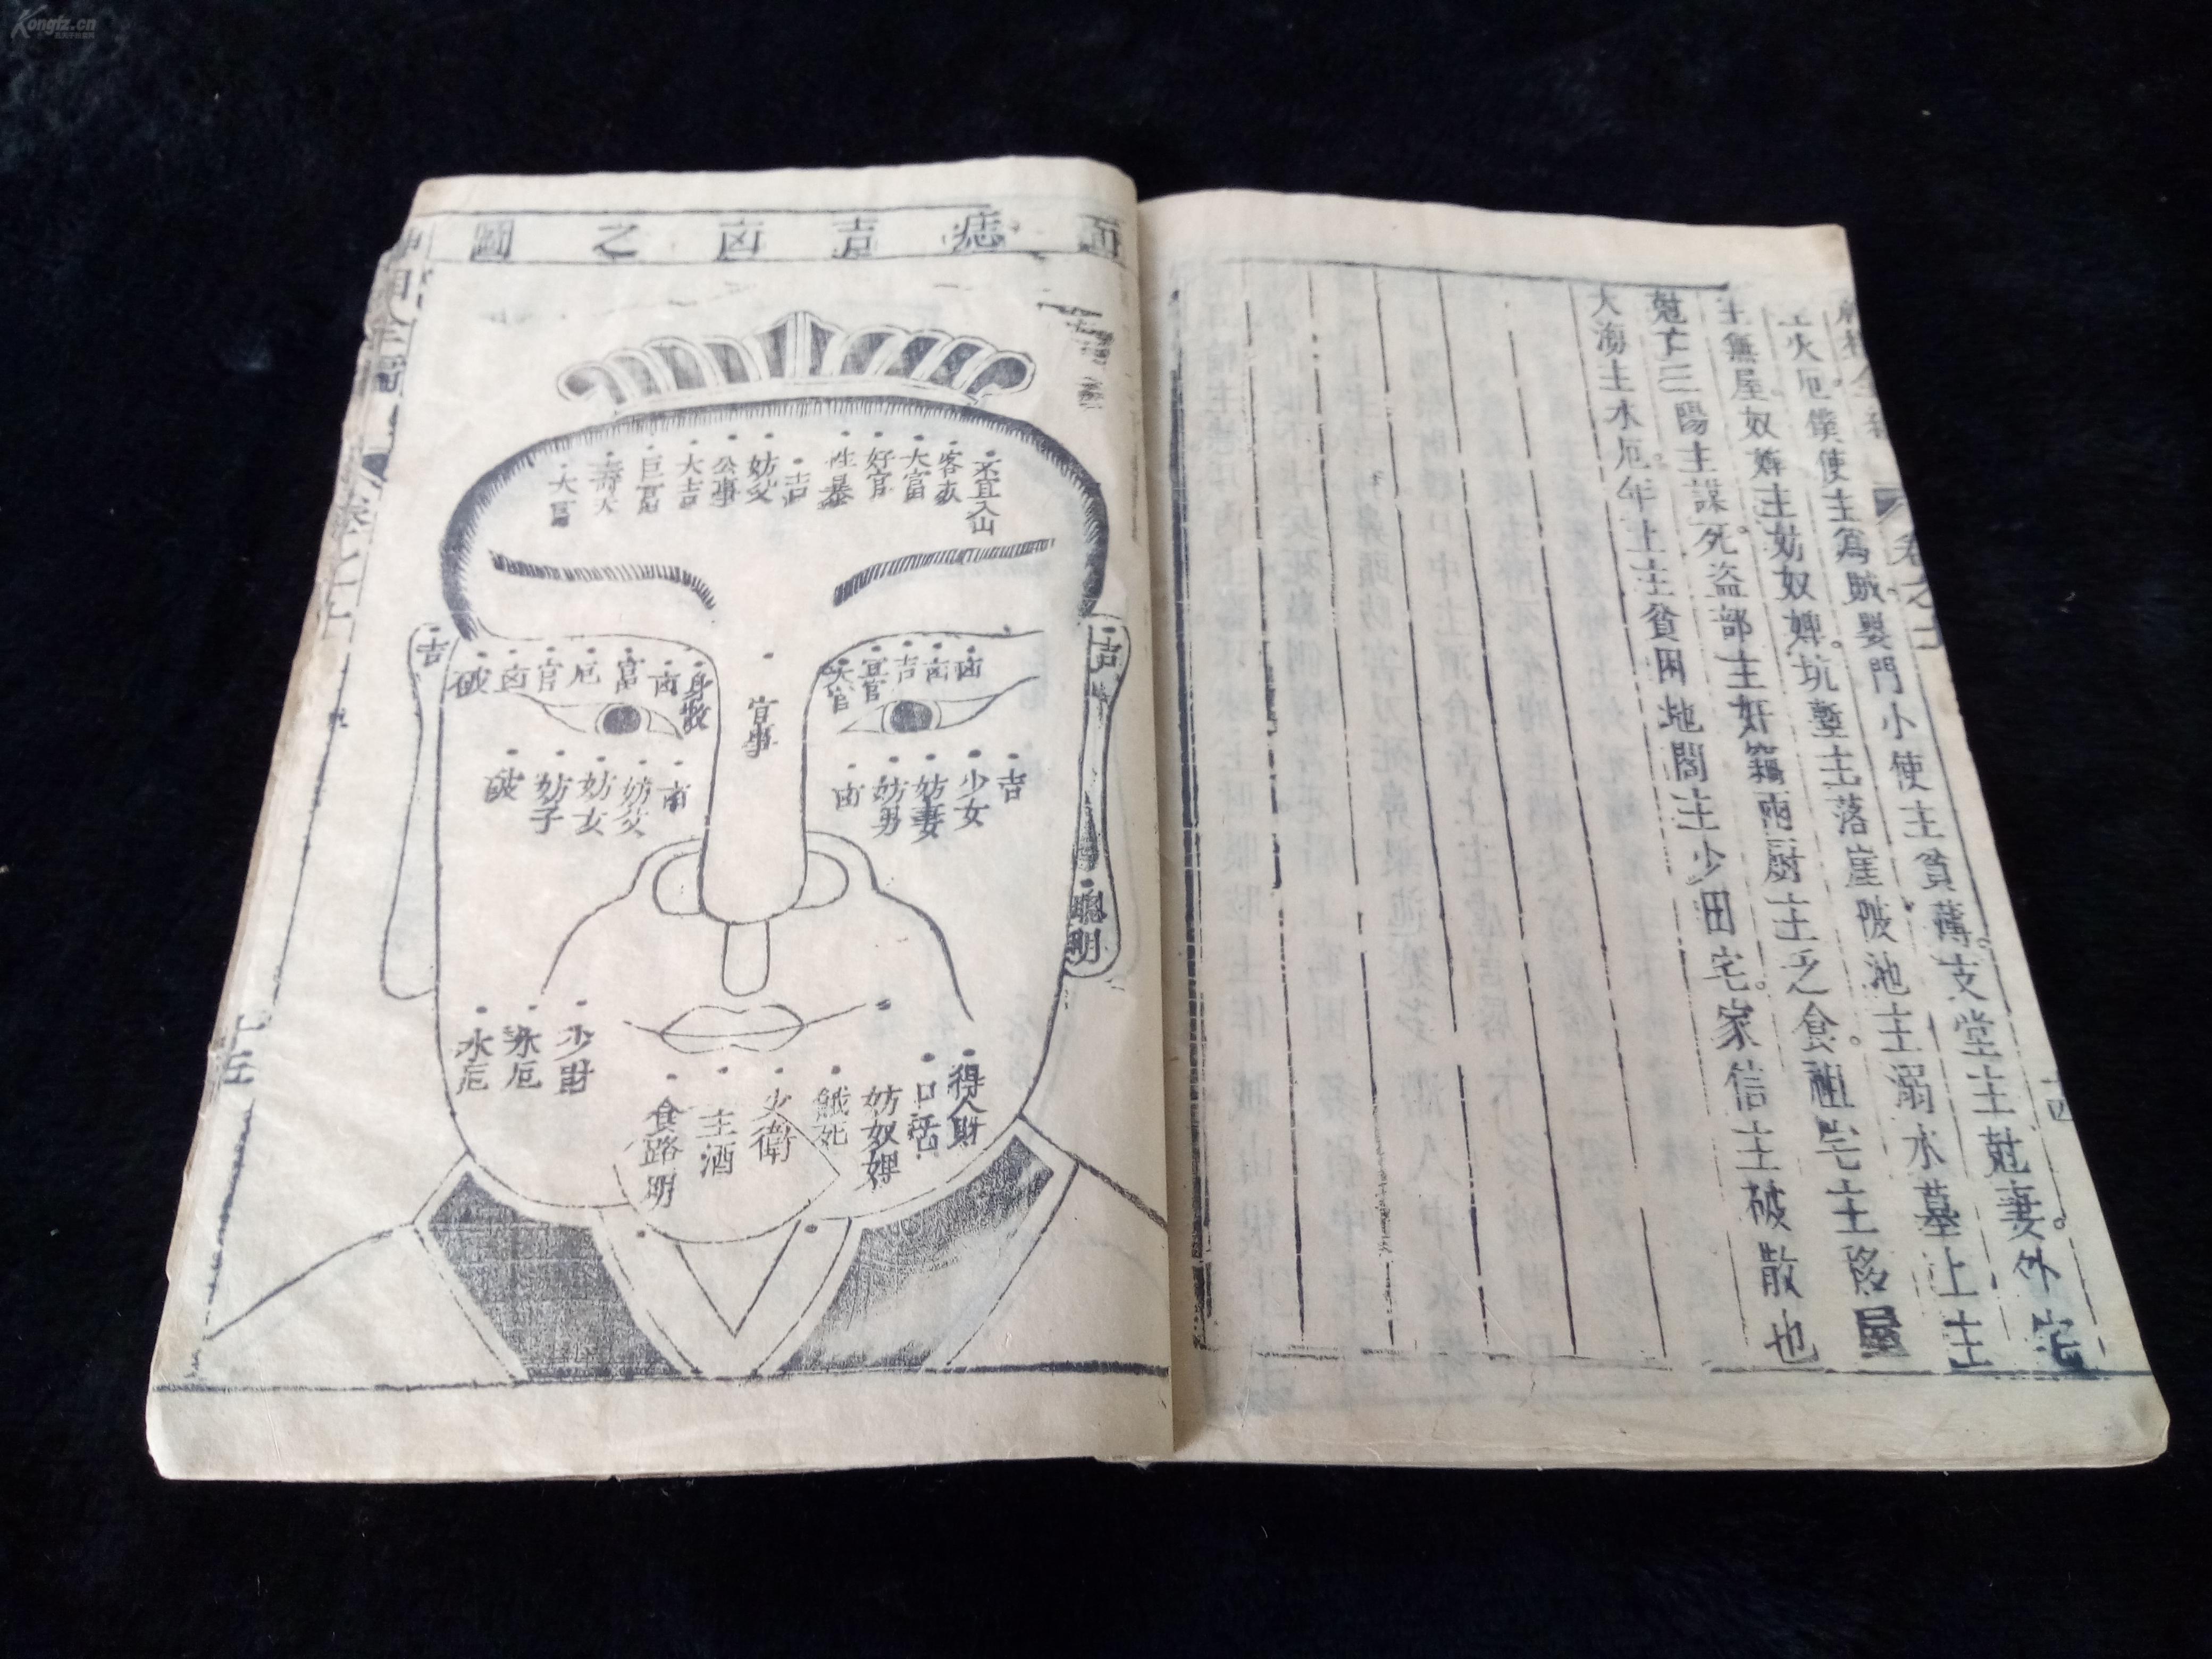 神相全编_风水地理古籍,木刻本《神相全编》卷九卷十全,里面有版图,值得收藏!